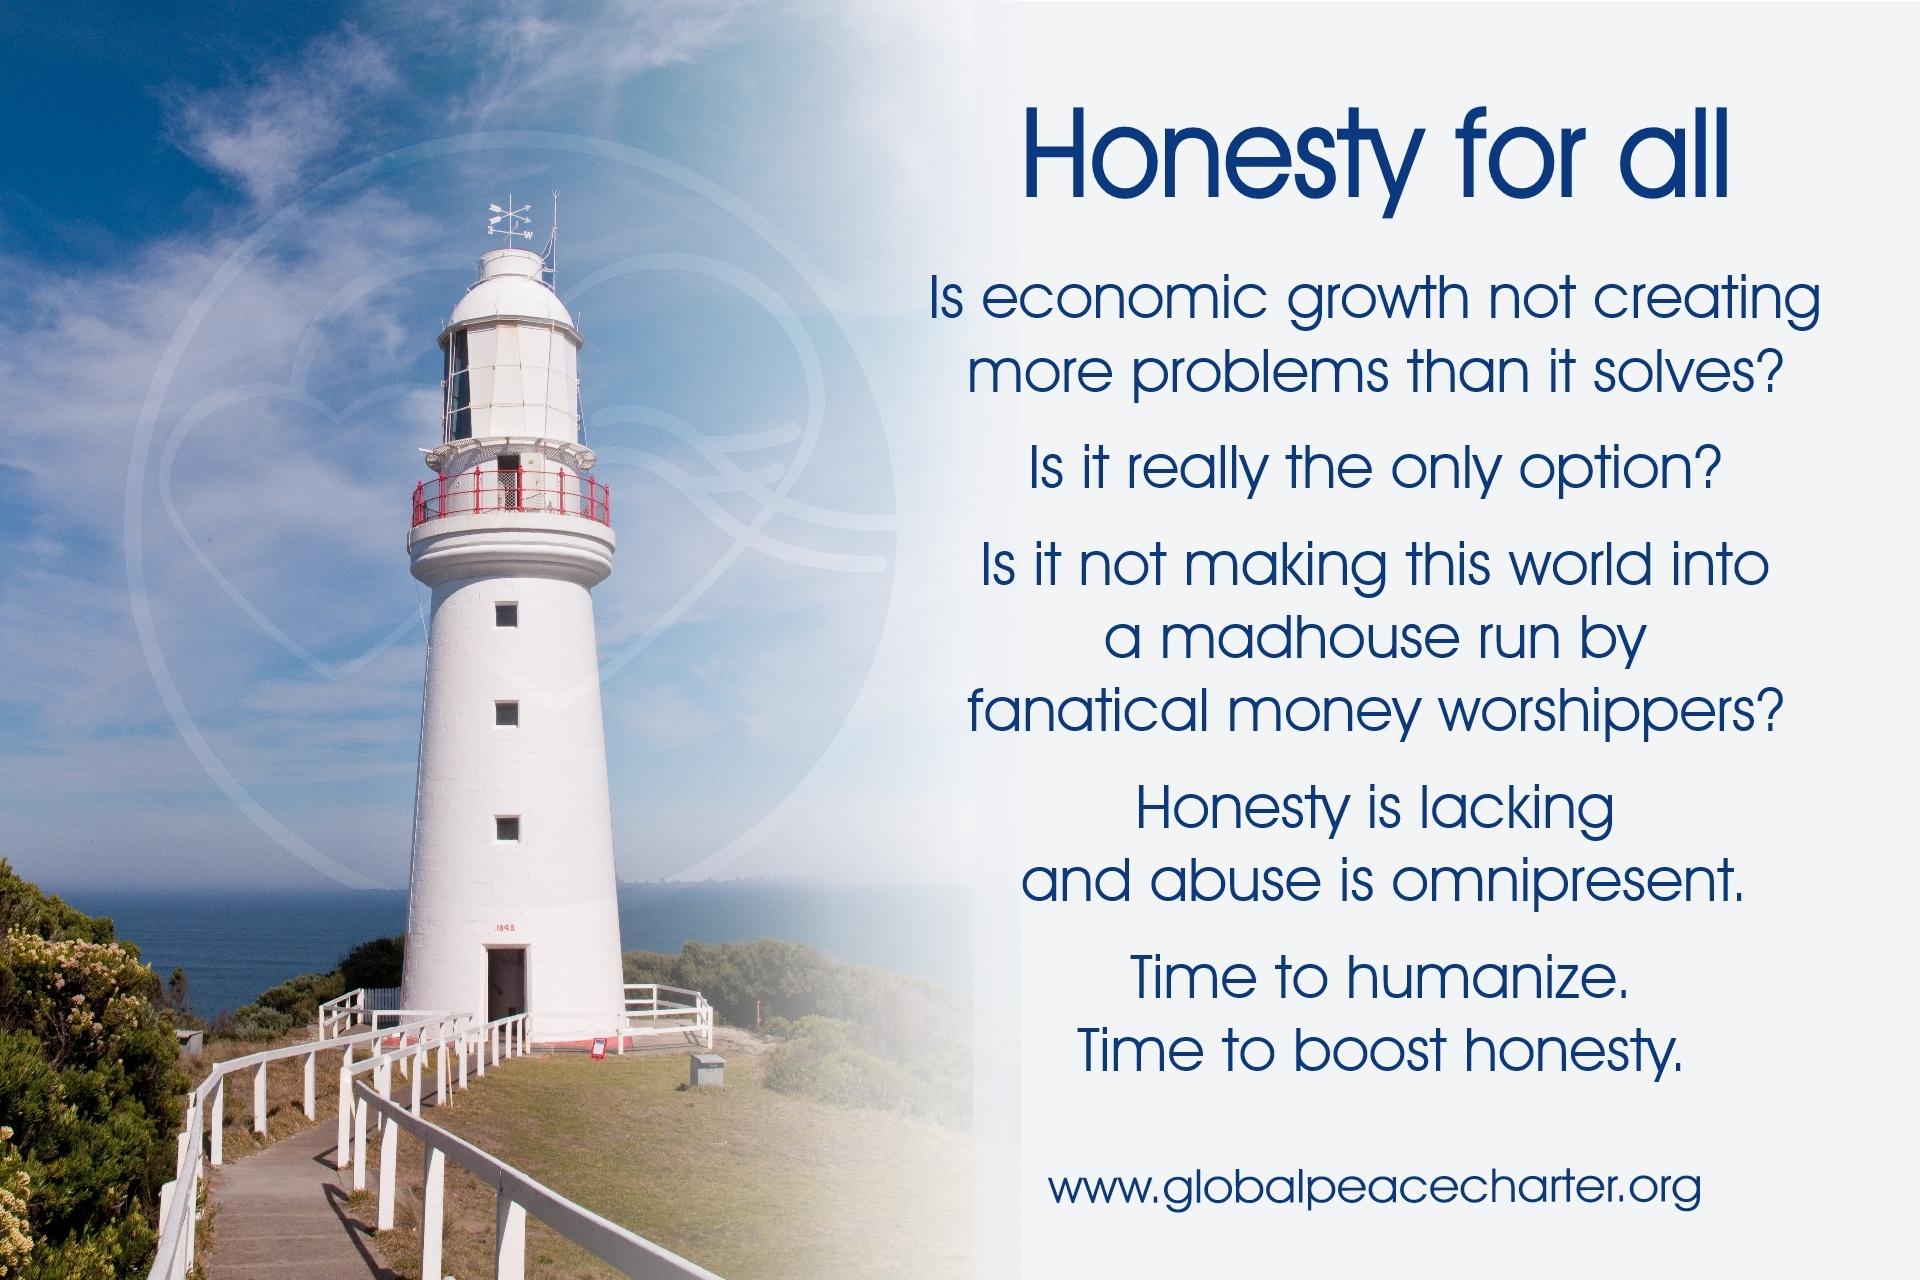 Honesty for all